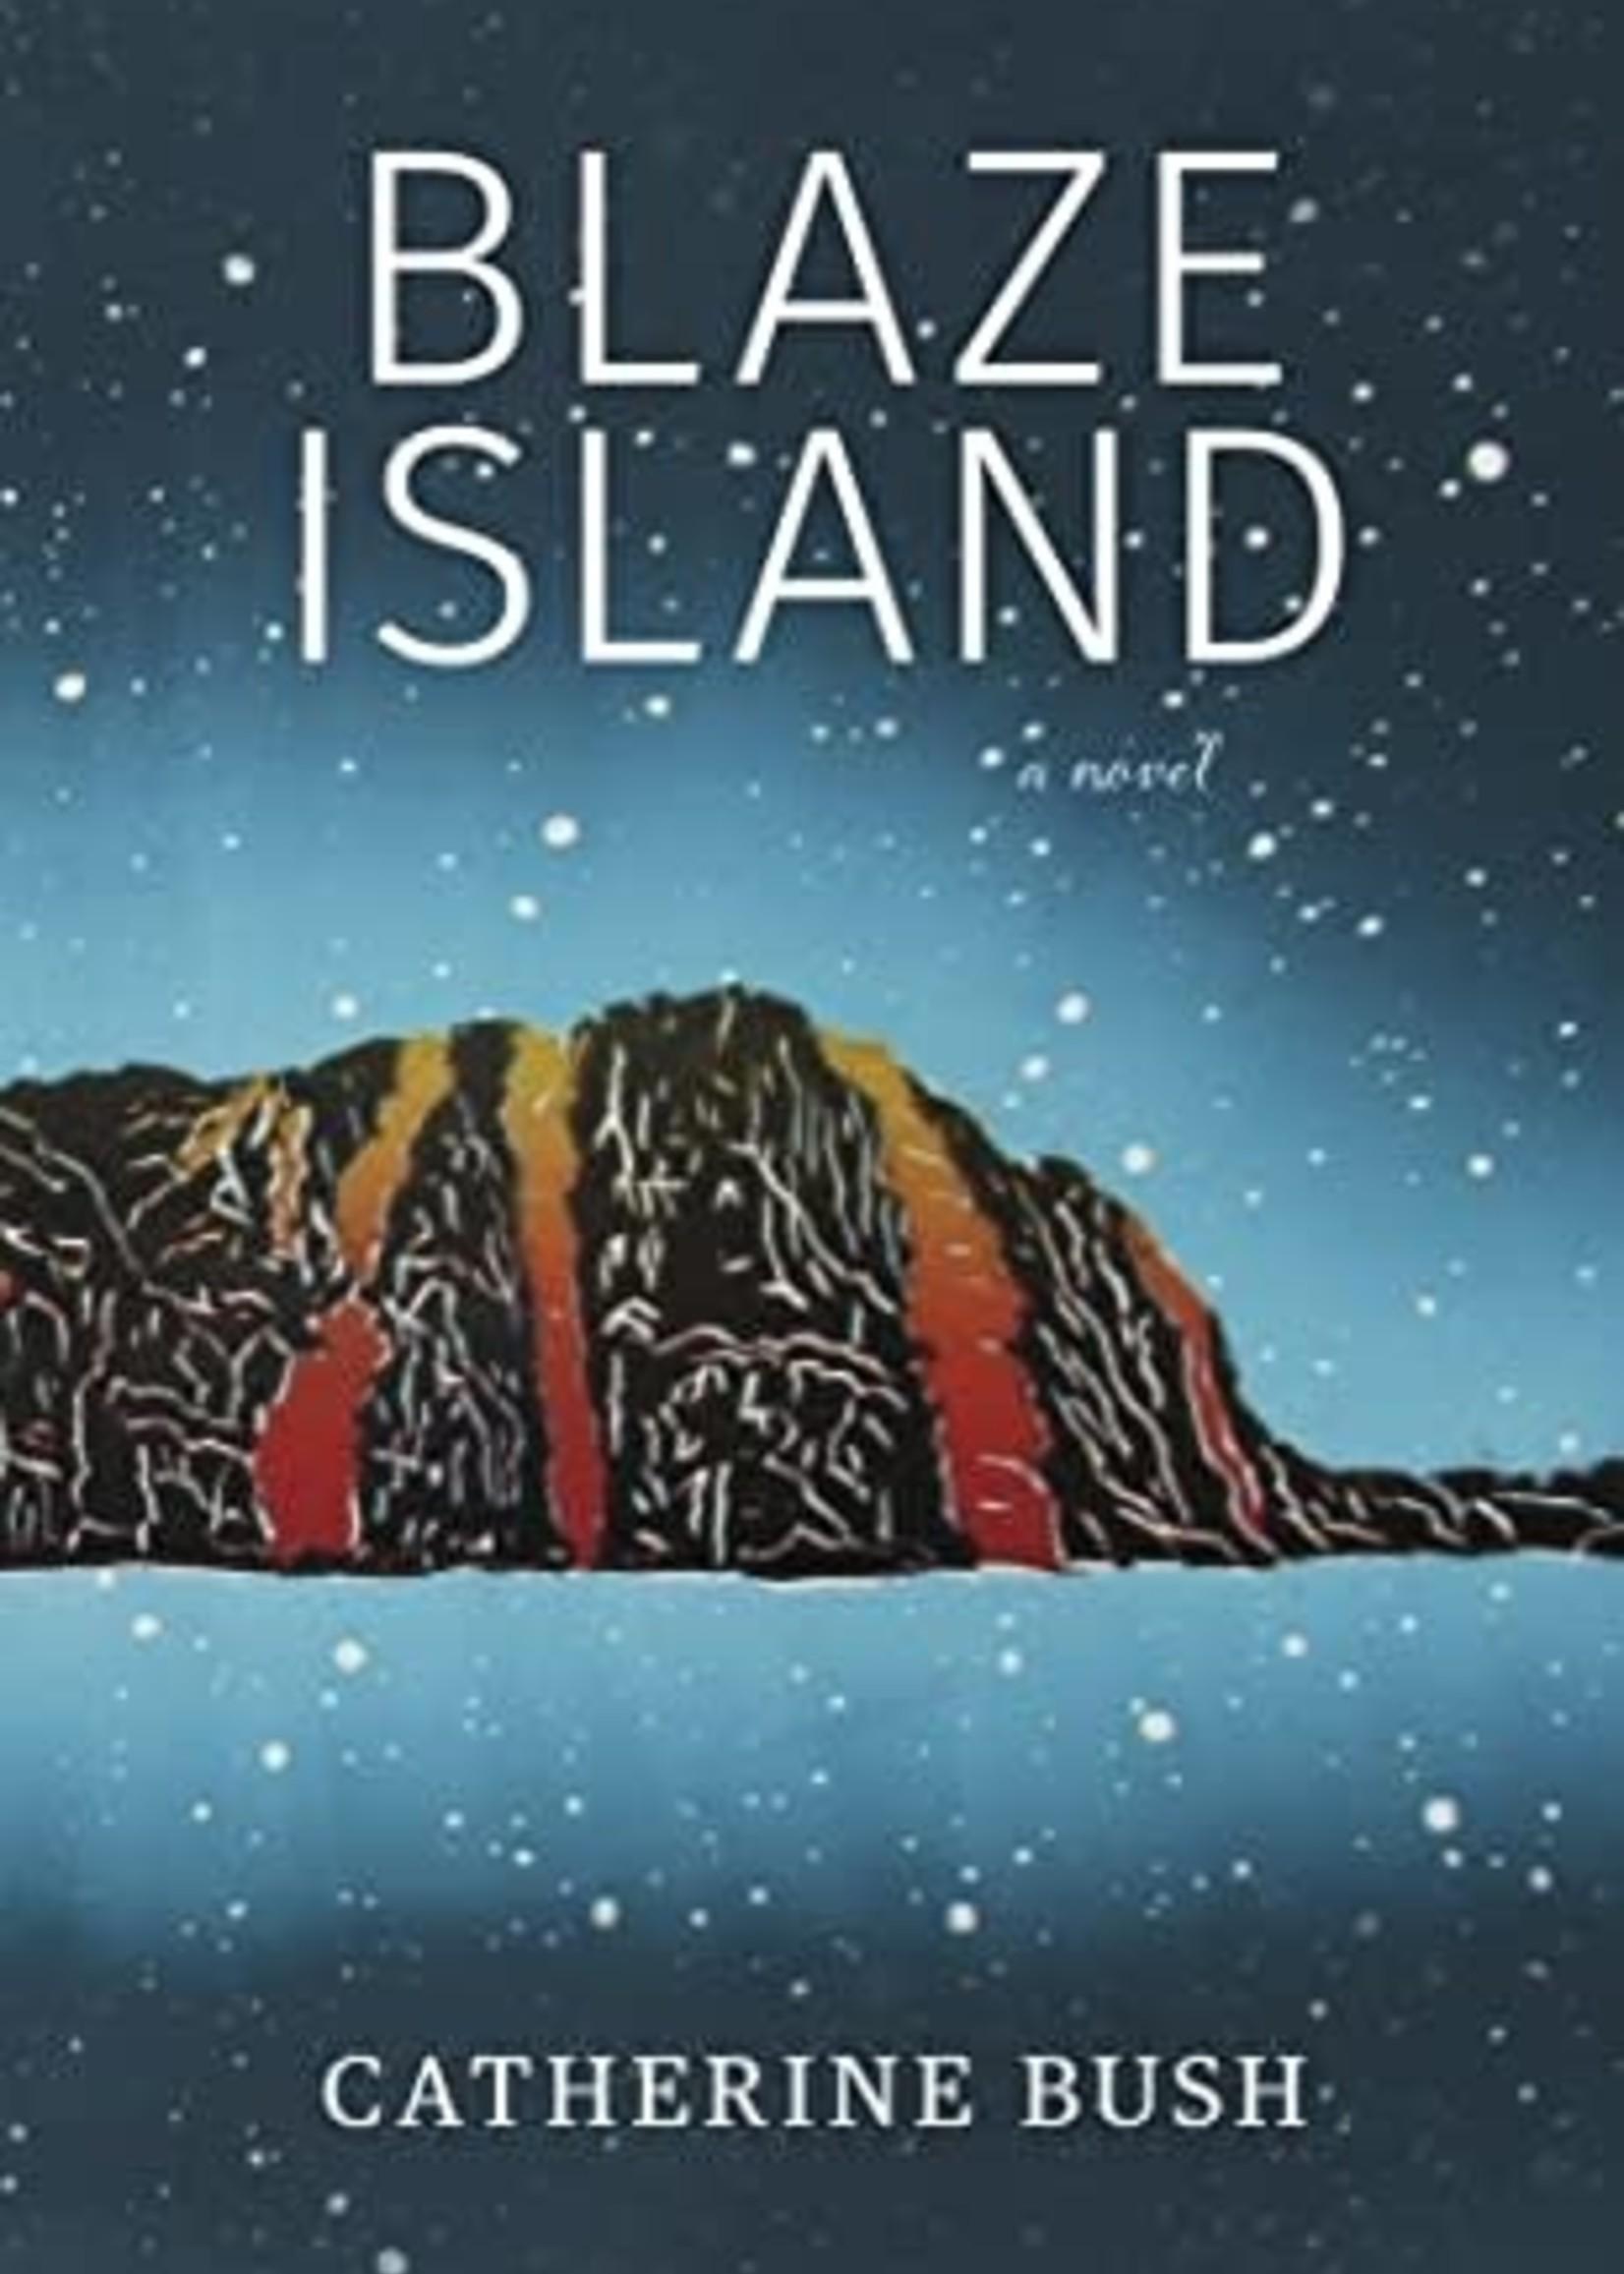 Blaze Island by Catherine Bush